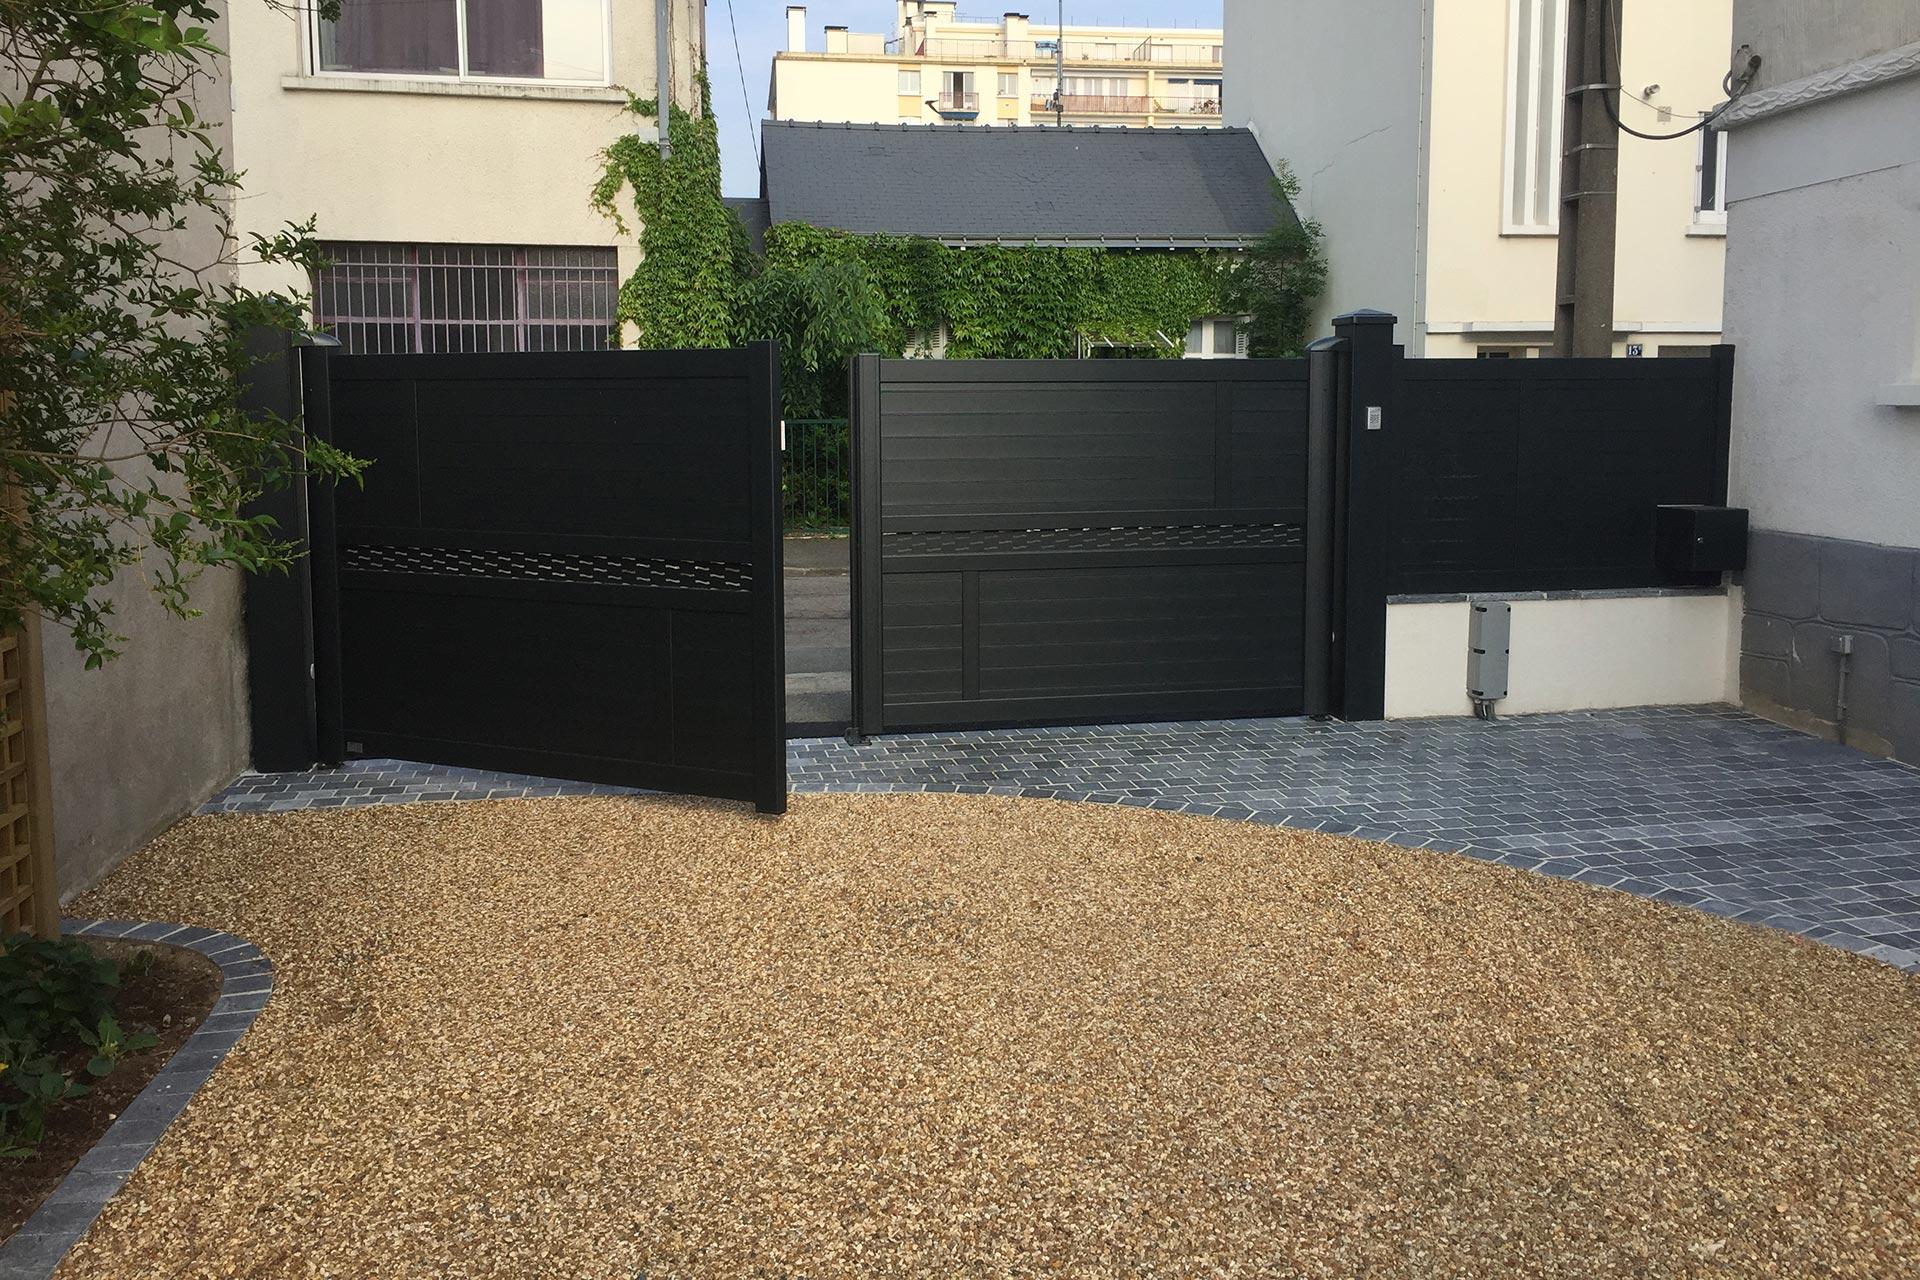 Serrault Jardins, aménage vos extérieurs et vous propose une large gamme de portails et clôtures.